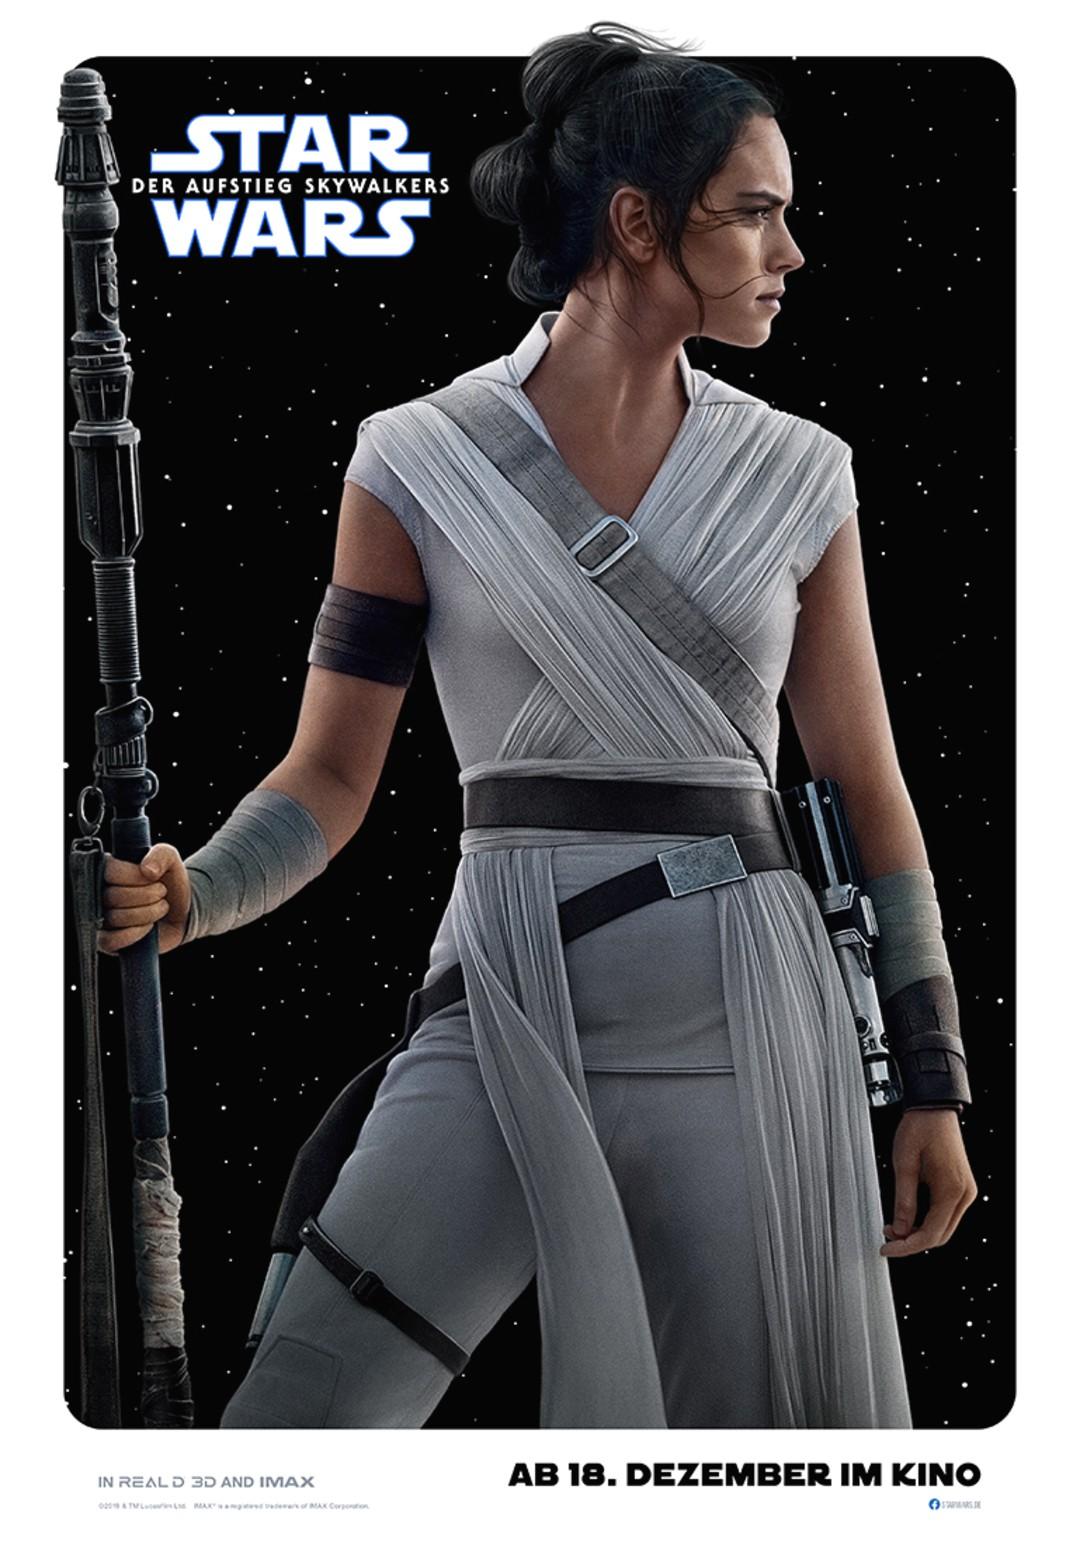 Star Wars 9: Neue Charakter-Poster - Bild 1 von 13